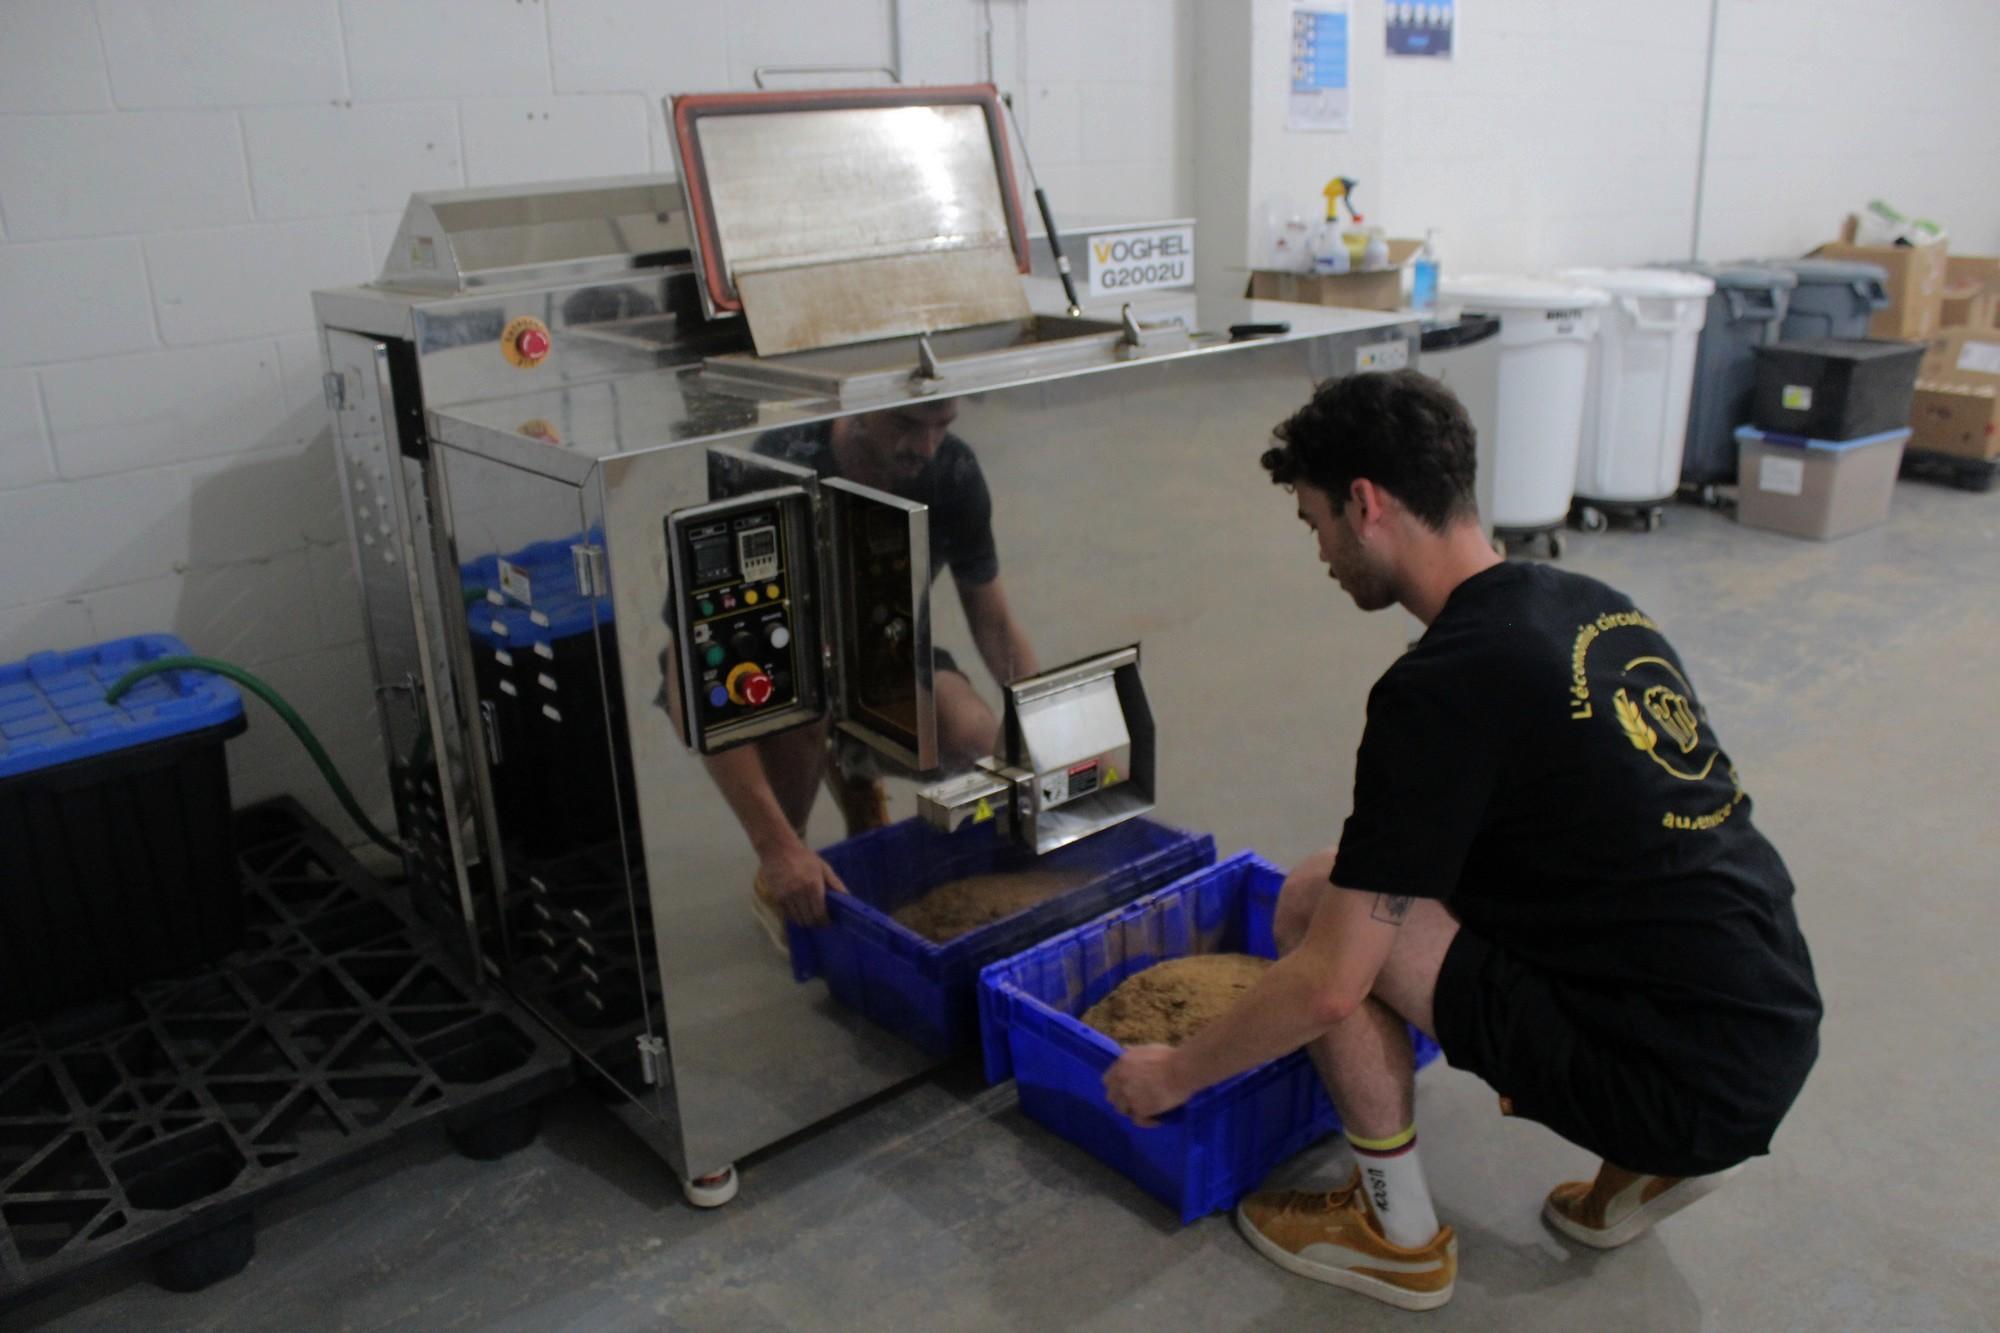 La machine de Boomerang peut gérer jusqu'à deux tonnes de drêches par mois. L'équipe compte en acheter une nouvelle qui a cinq fois cette capacité. ©AL